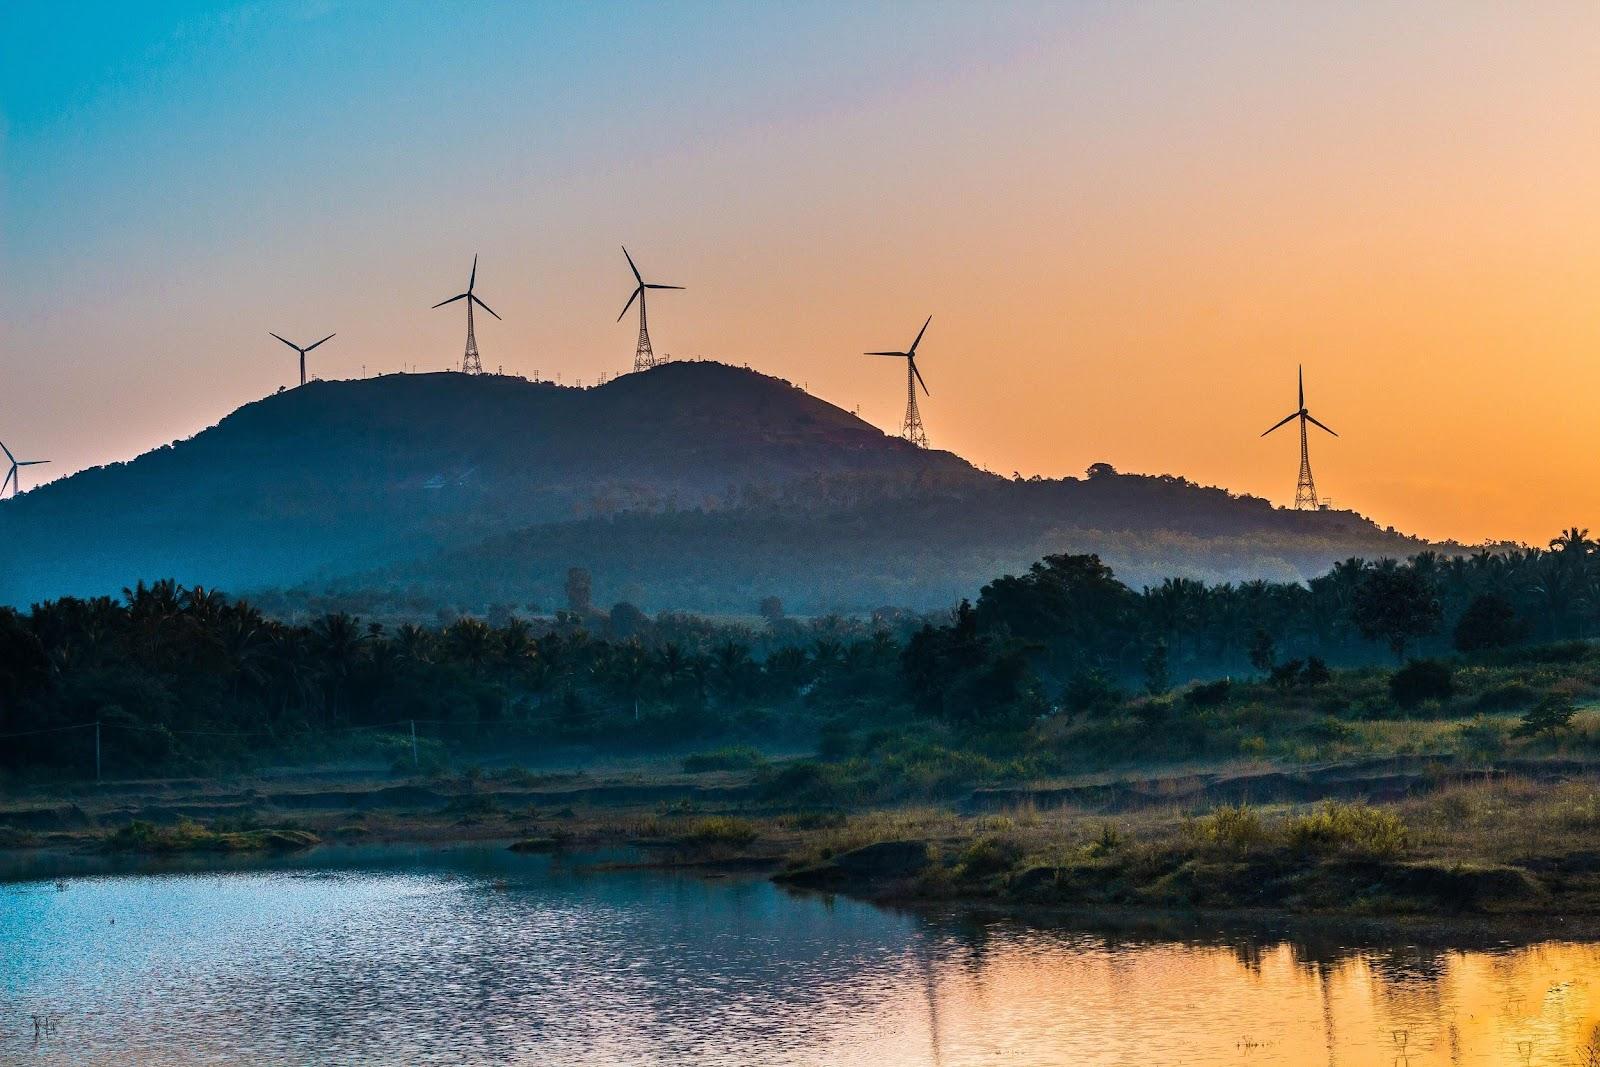 Vortex Bladeless Wind Turbine